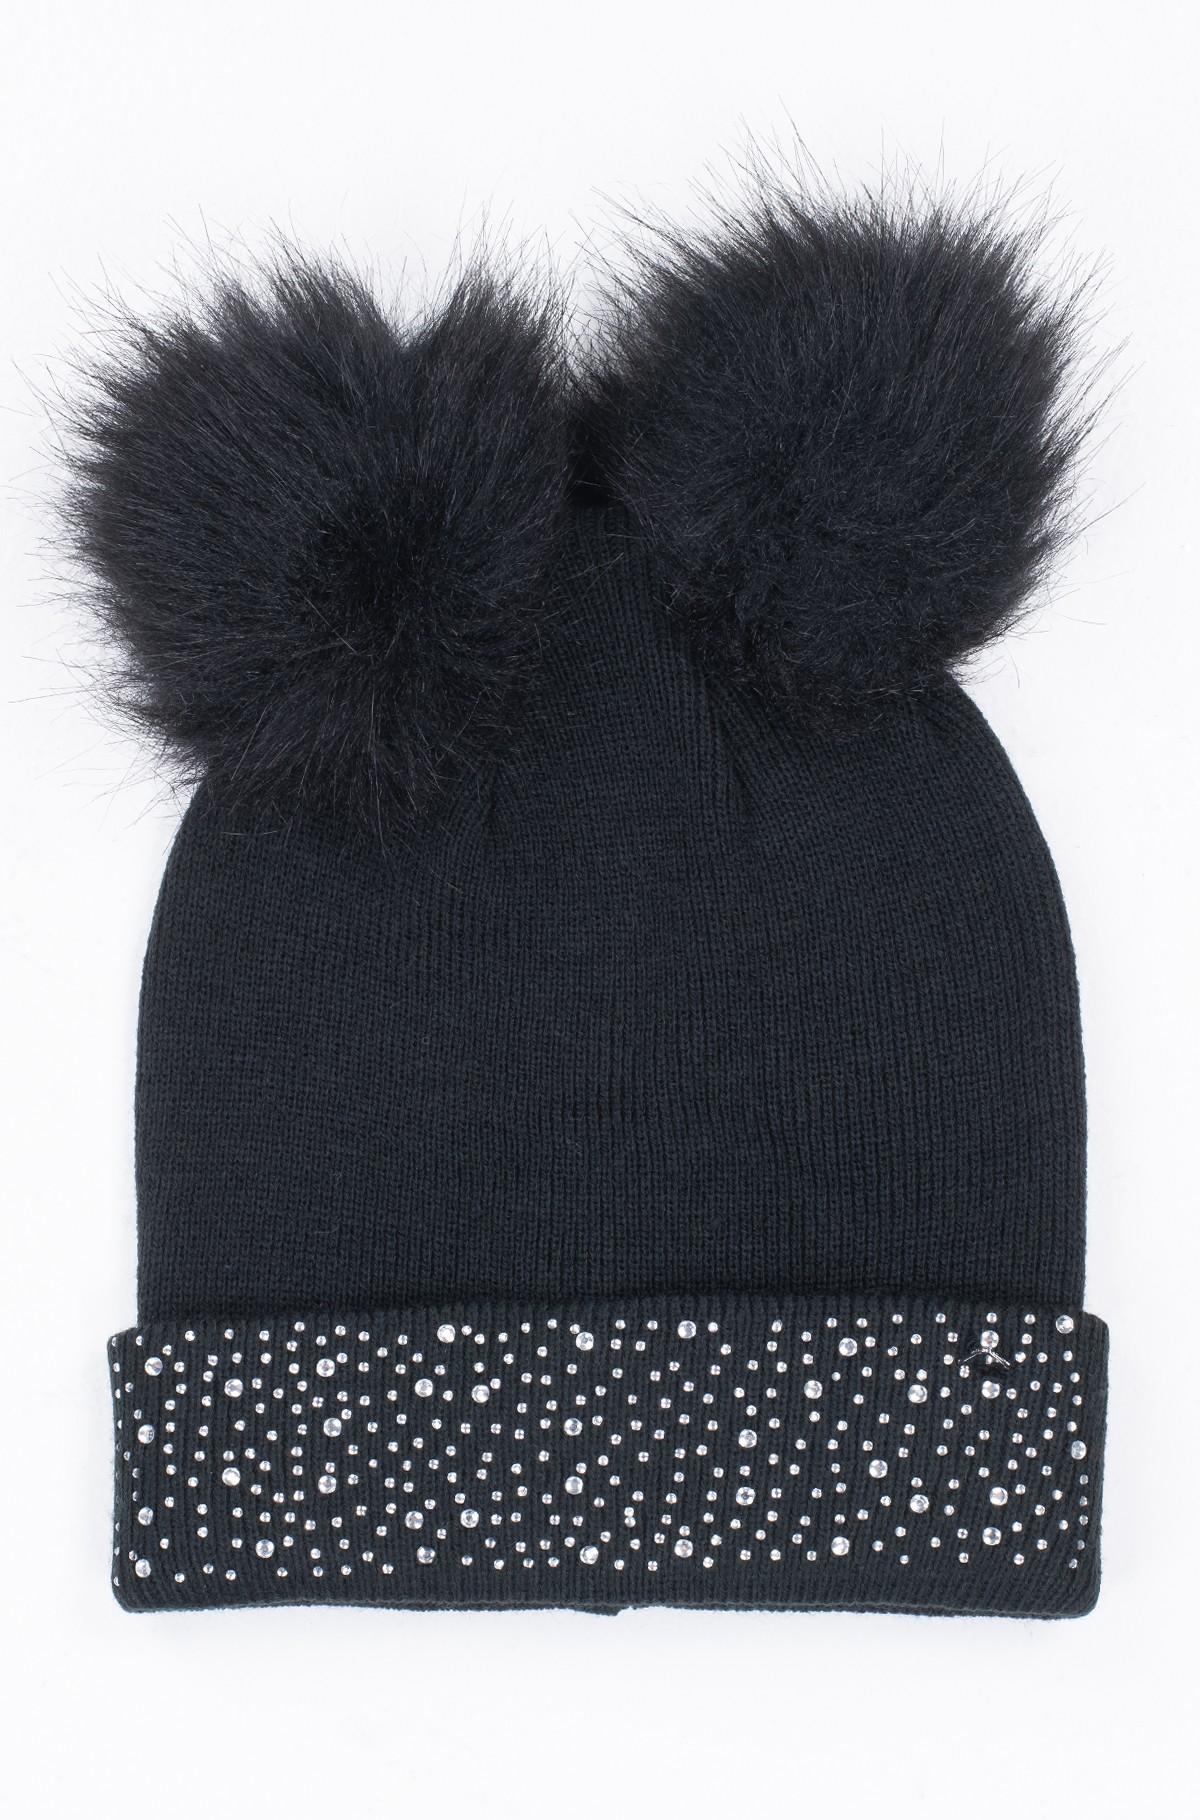 Vaikiška kepurėlė J94Z16 Z1FD0-full-1